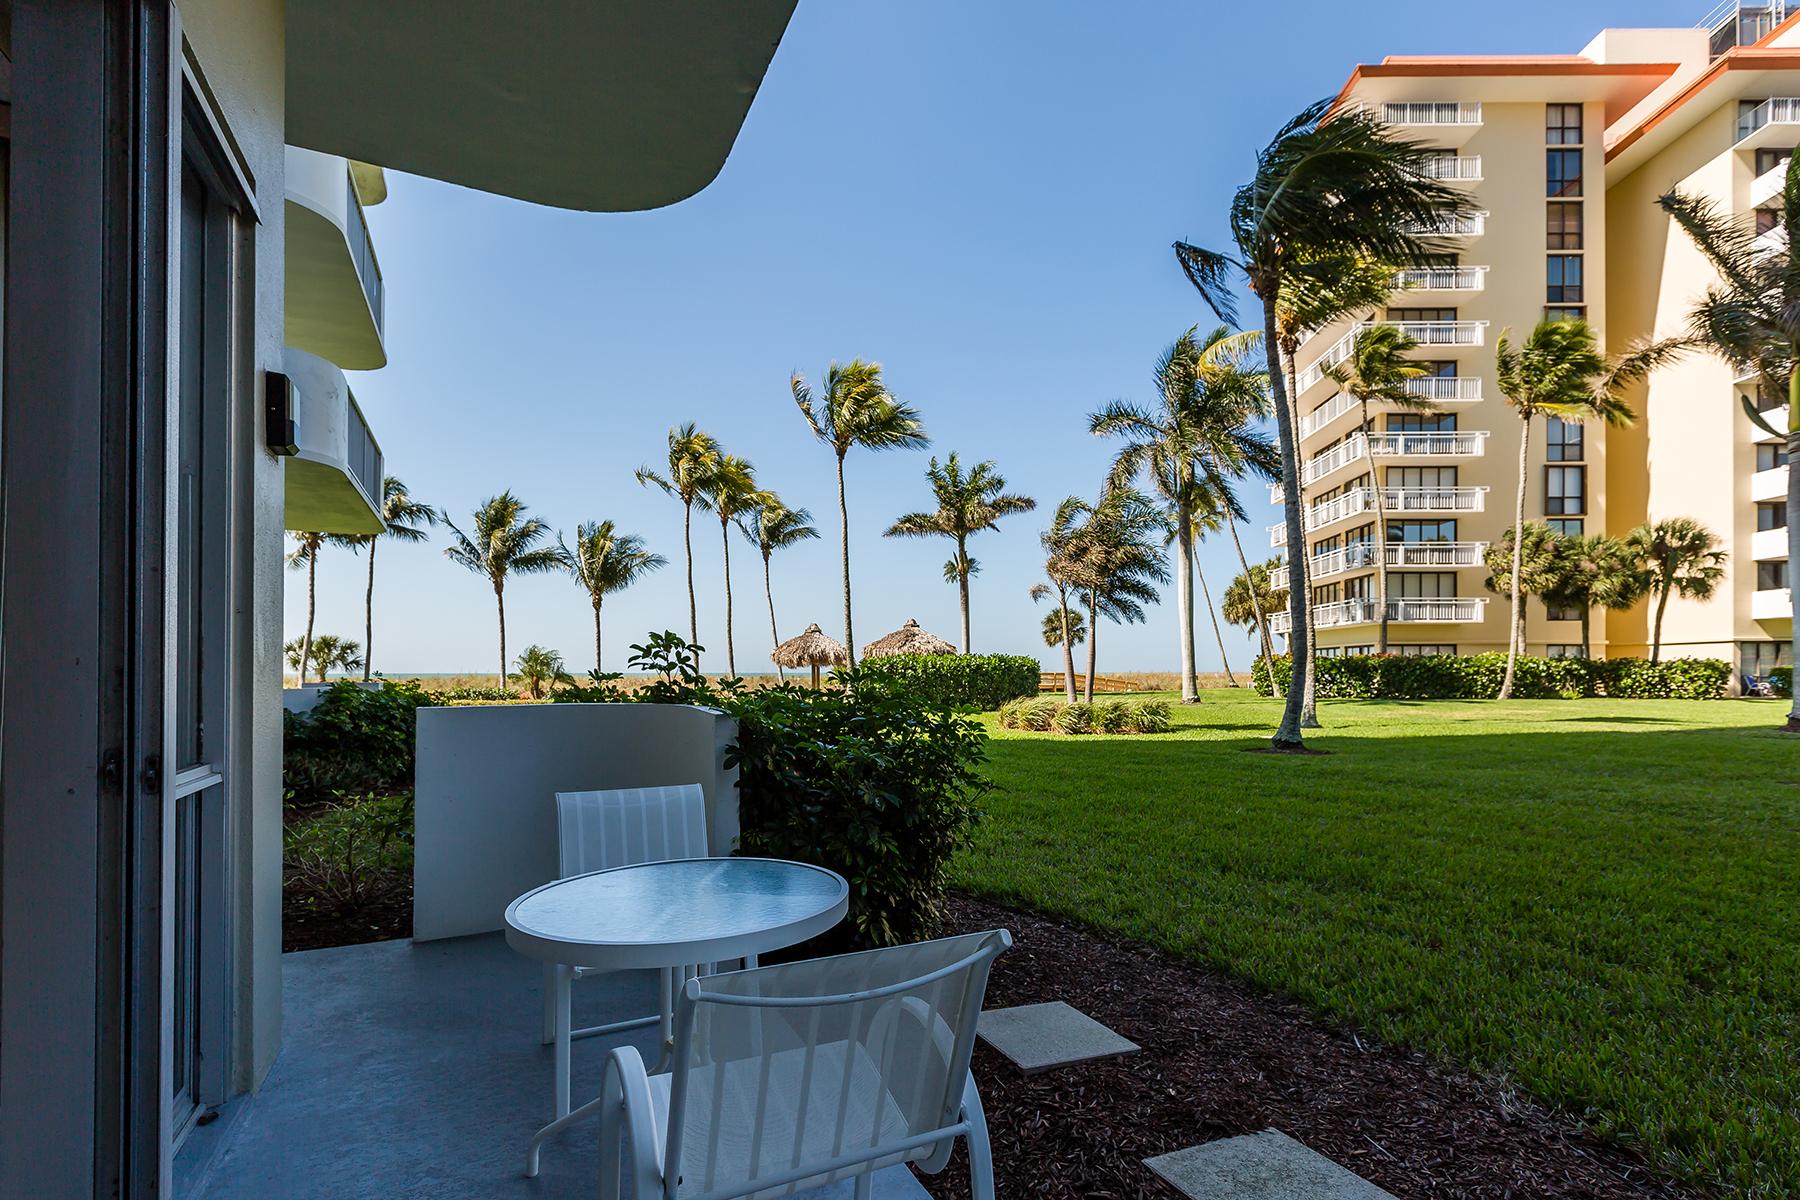 Eigentumswohnung für Verkauf beim 140 Seaview Ct , N-106, Marco Island, FL 34145 140 Seaview Ct N-106 Marco Island, Florida, 34145 Vereinigte Staaten